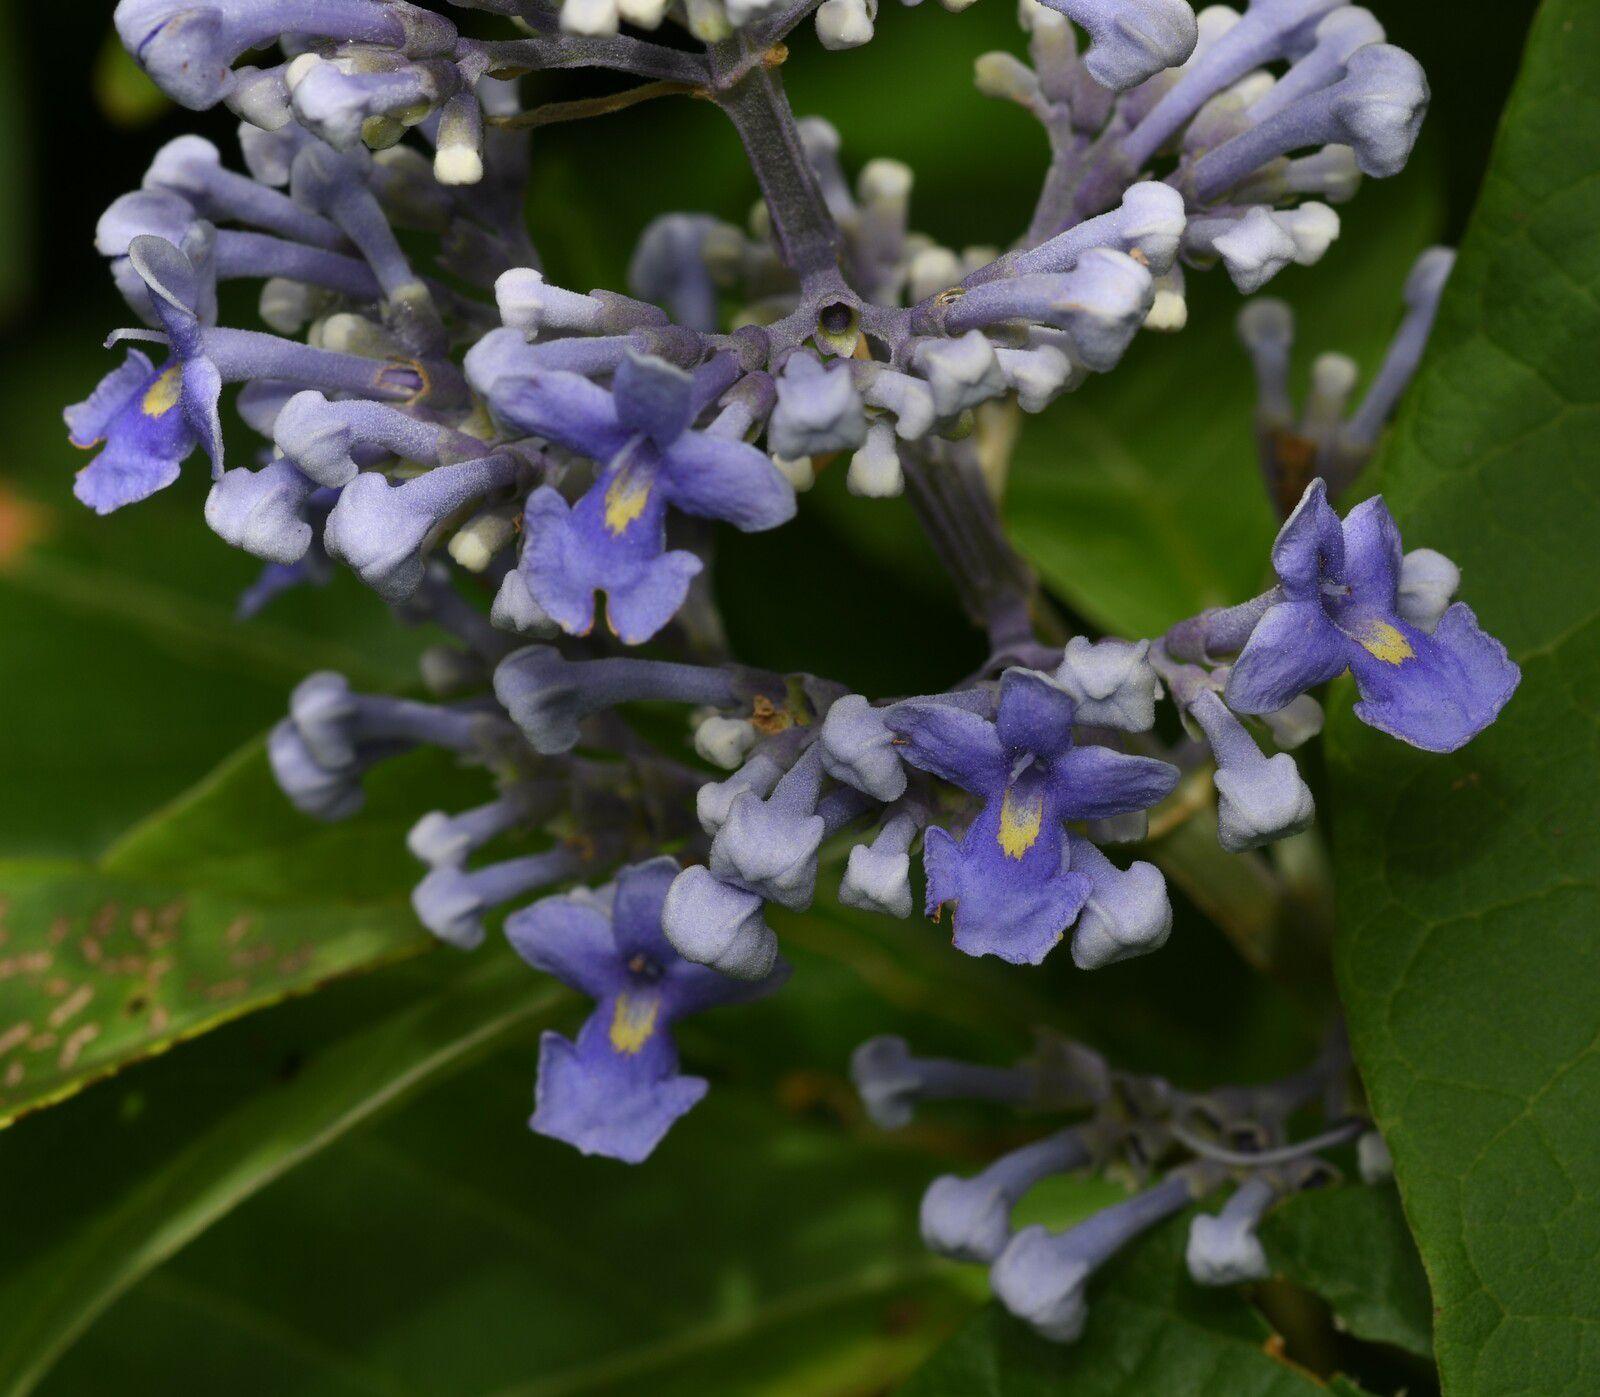 Cornutia pubescens